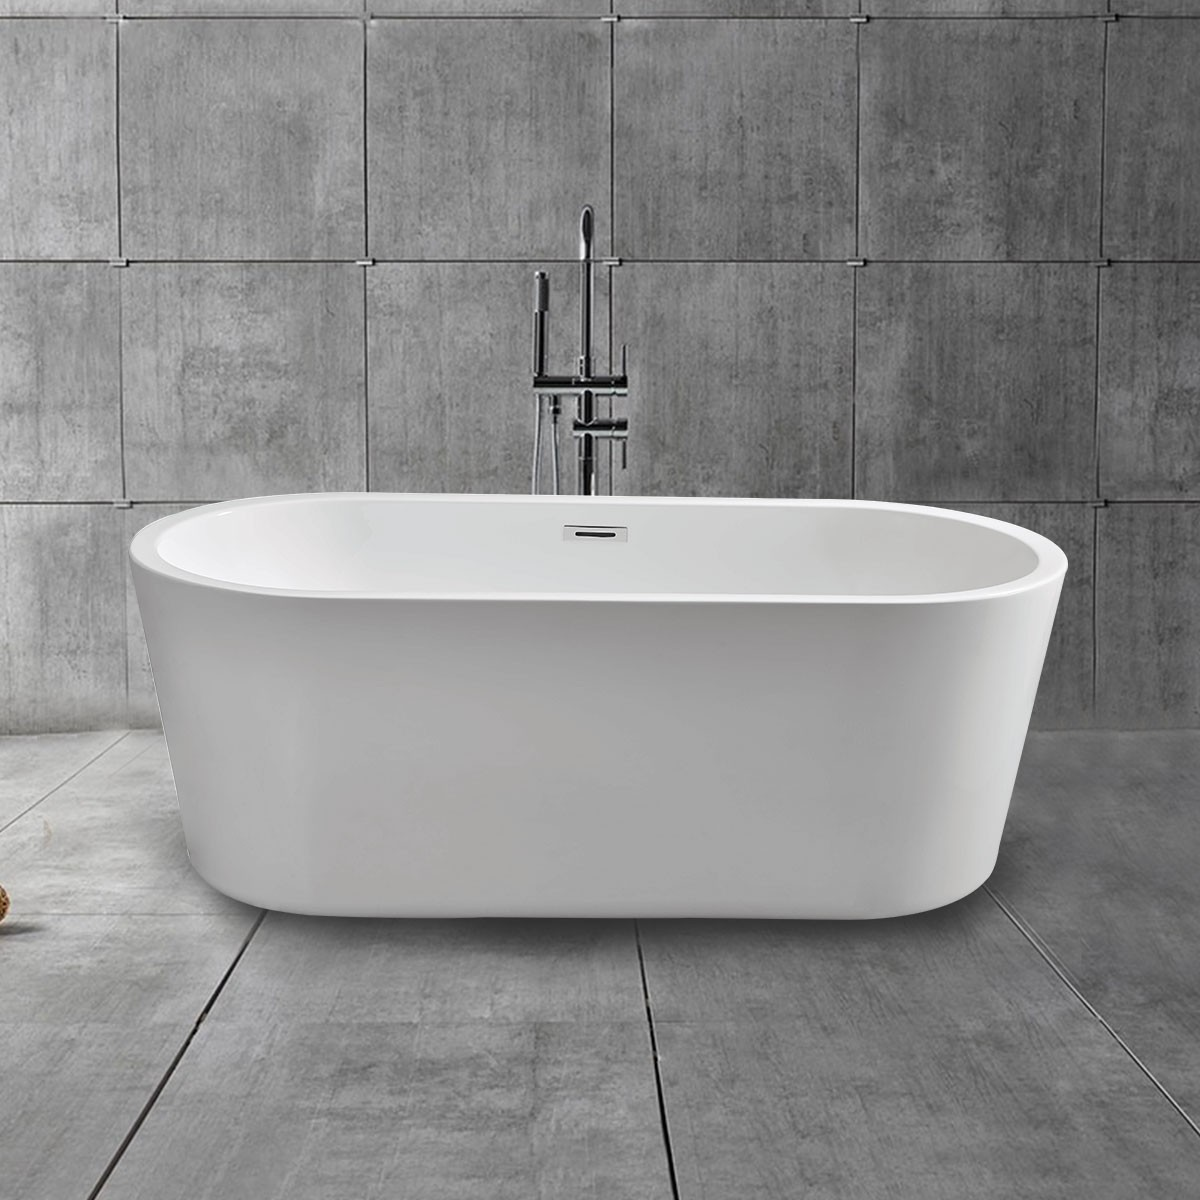 59 In Soaking Bathtub – Acrylic White (DK-MEC3004A)